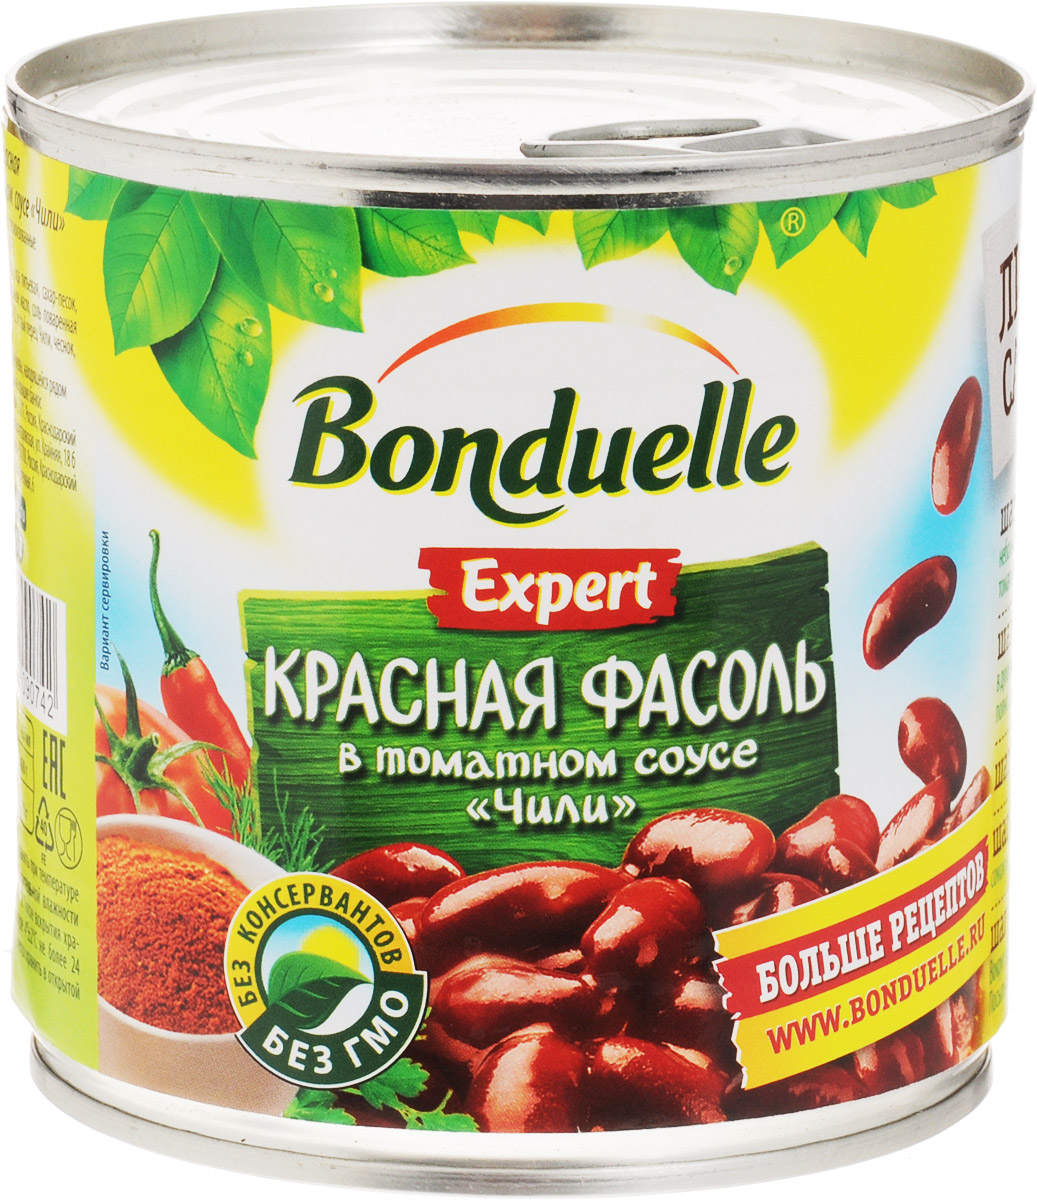 Bonduelle красная фасоль в соусе Чили, 400 г икра bonduelle из кабачков 500мл